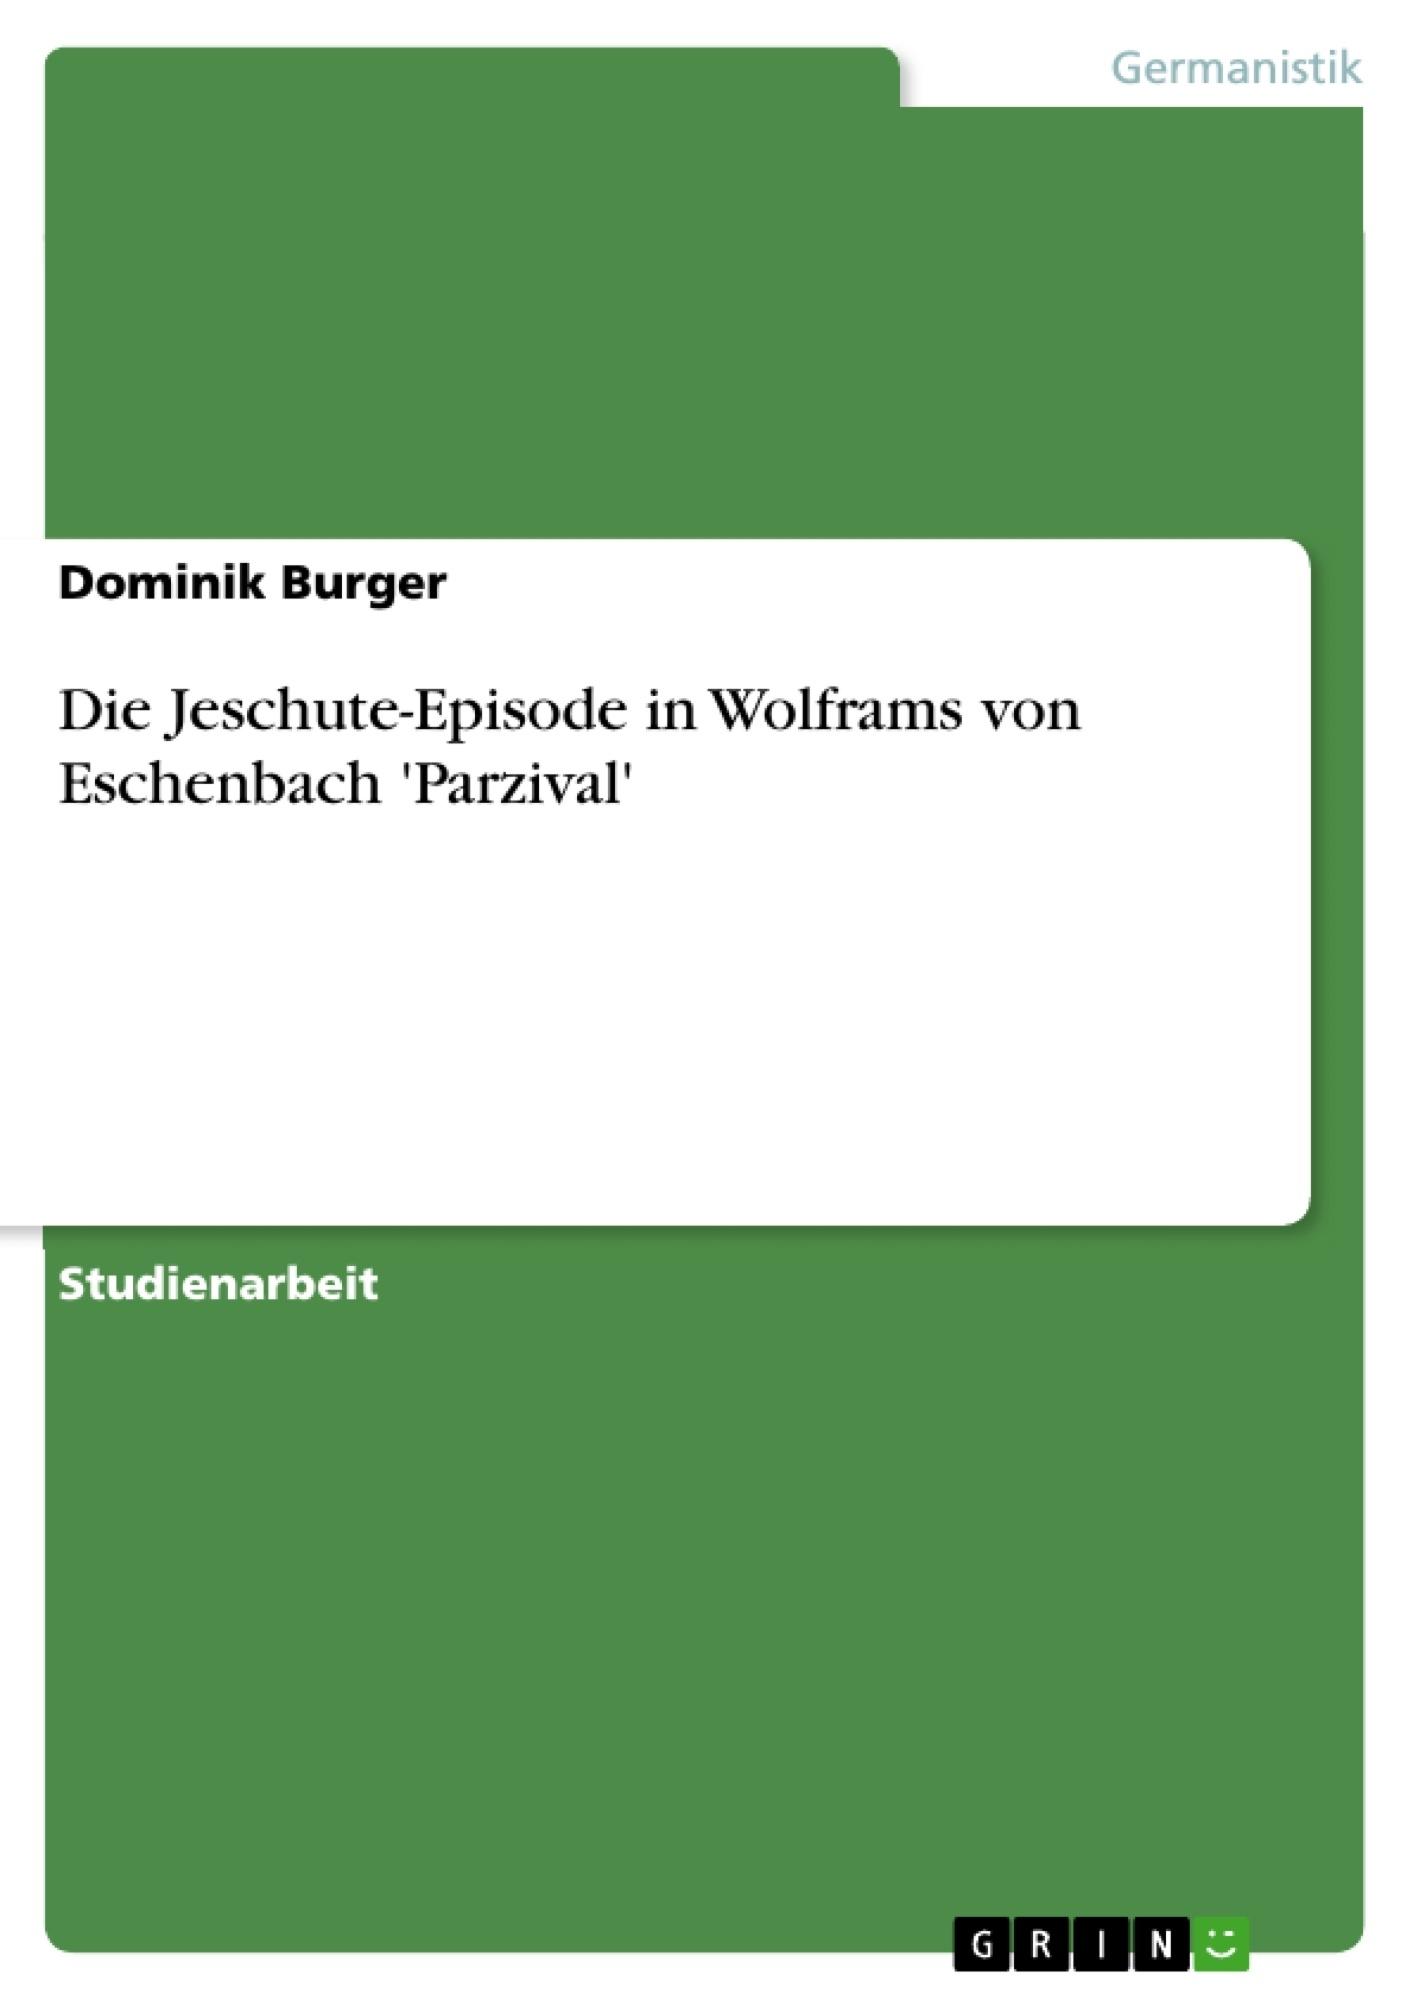 Titel: Die Jeschute-Episode in Wolframs von Eschenbach 'Parzival'